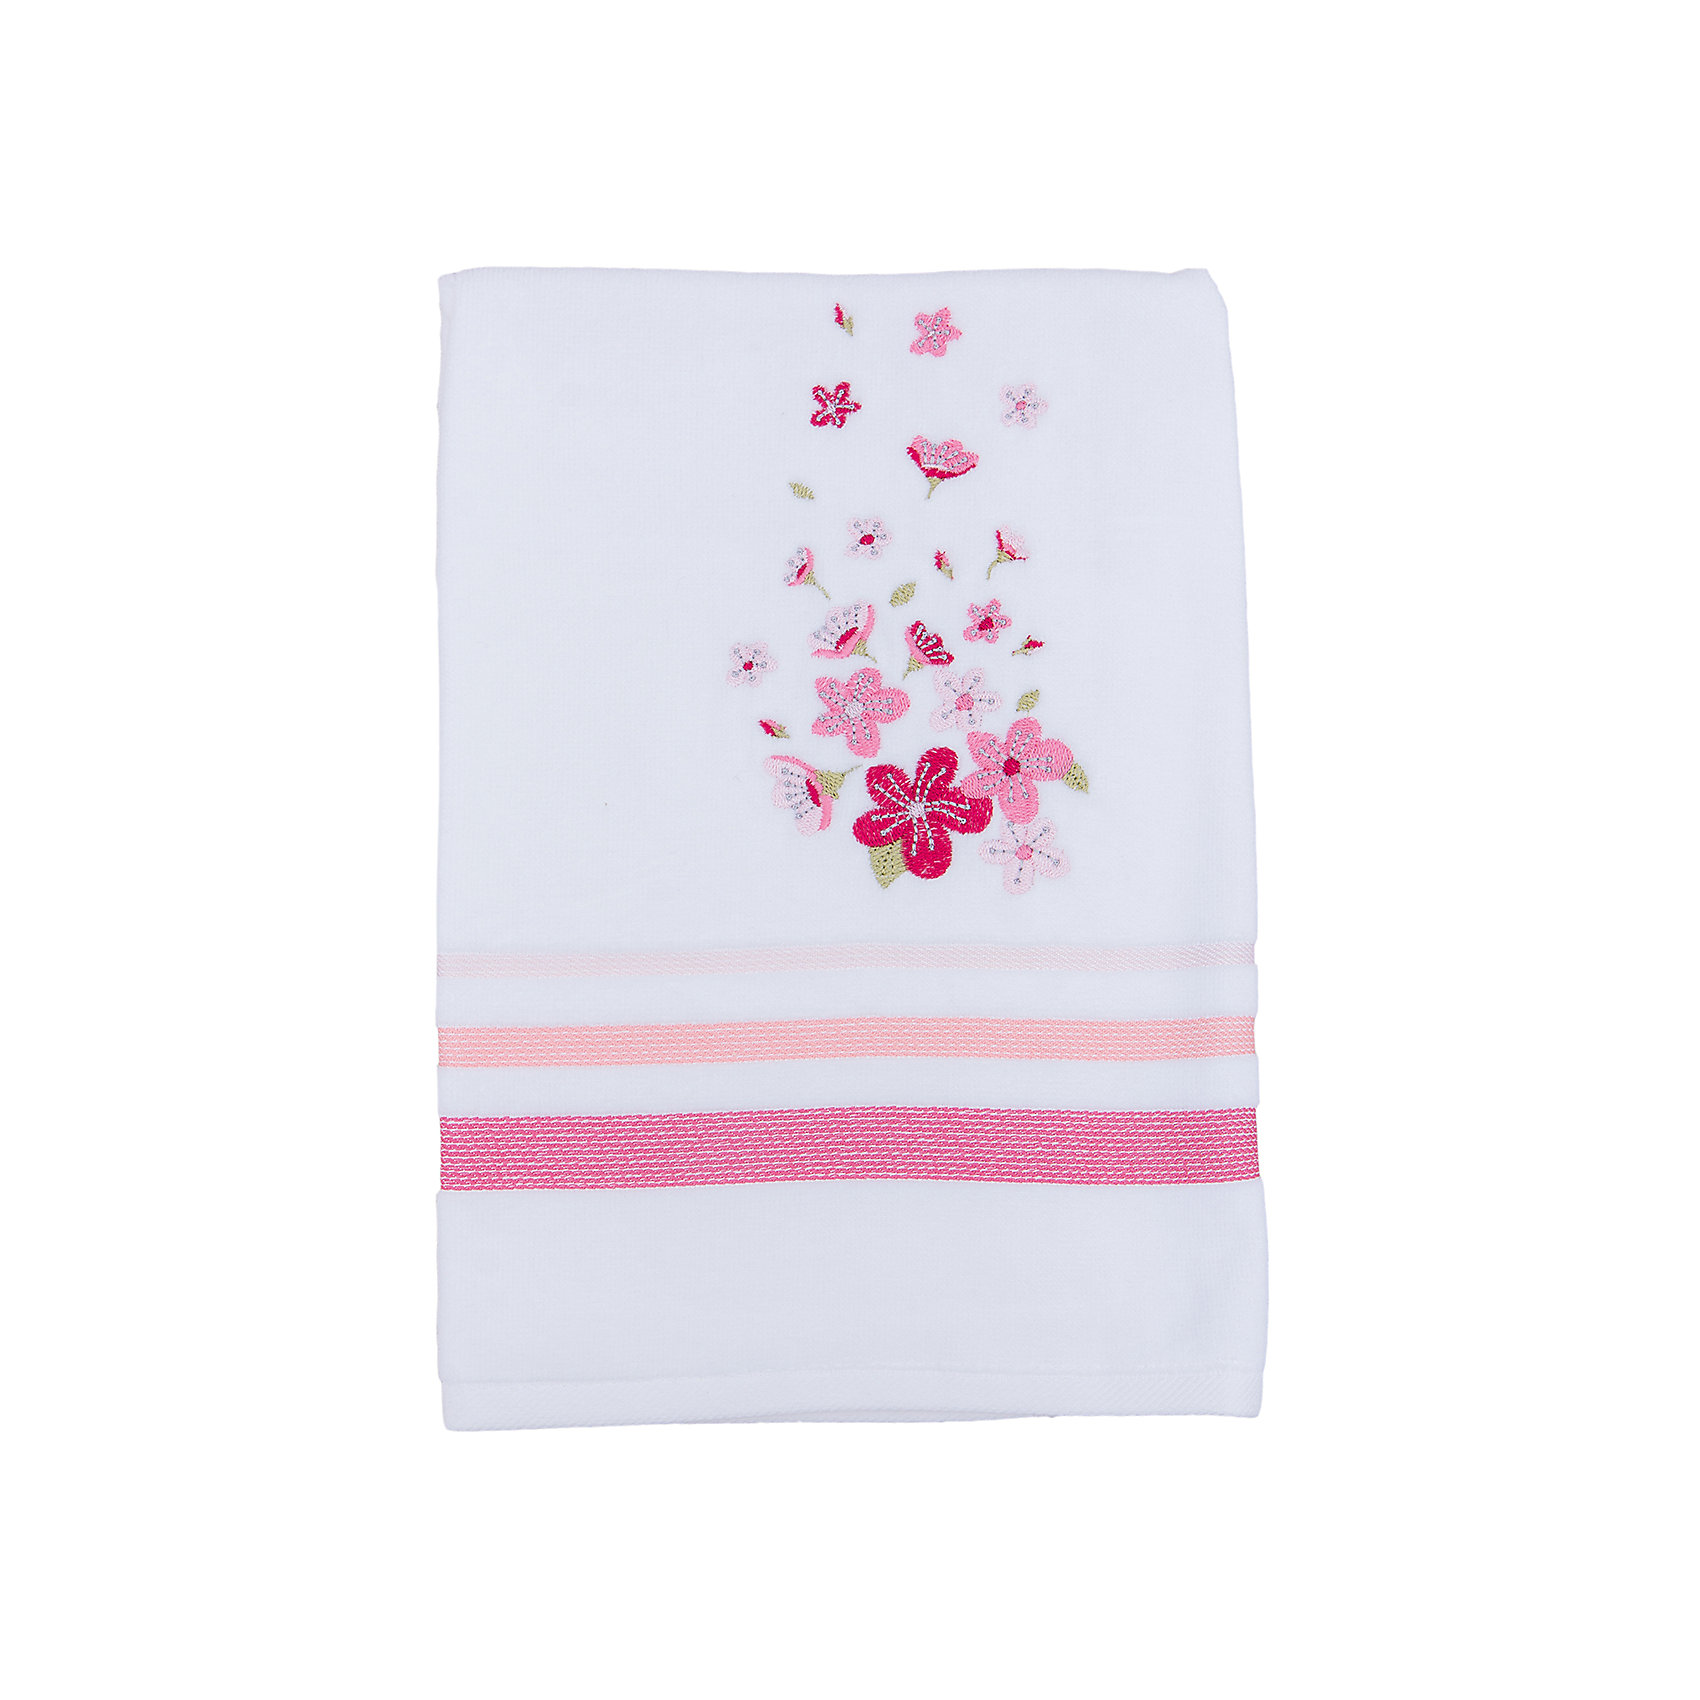 Полотенце подарочное ADELIA махровое 50*90, TAC, розовыйПолотенца<br>Характеристика: <br><br>- Материал: махра (100% хлопок).<br>- Размер: 50х90 см.<br>- Плотность: 450гр/м2.<br>- Цвет: розовый.<br><br>Яркое и в тоже время нежное махровое полотенце будет прекрасным подарком к любому празднику!<br><br>Полотенце подарочное ADELIA махровое, можно купить в нашем магазине.<br><br>Ширина мм: 240<br>Глубина мм: 30<br>Высота мм: 330<br>Вес г: 400<br>Возраст от месяцев: 0<br>Возраст до месяцев: 84<br>Пол: Женский<br>Возраст: Детский<br>SKU: 5124061